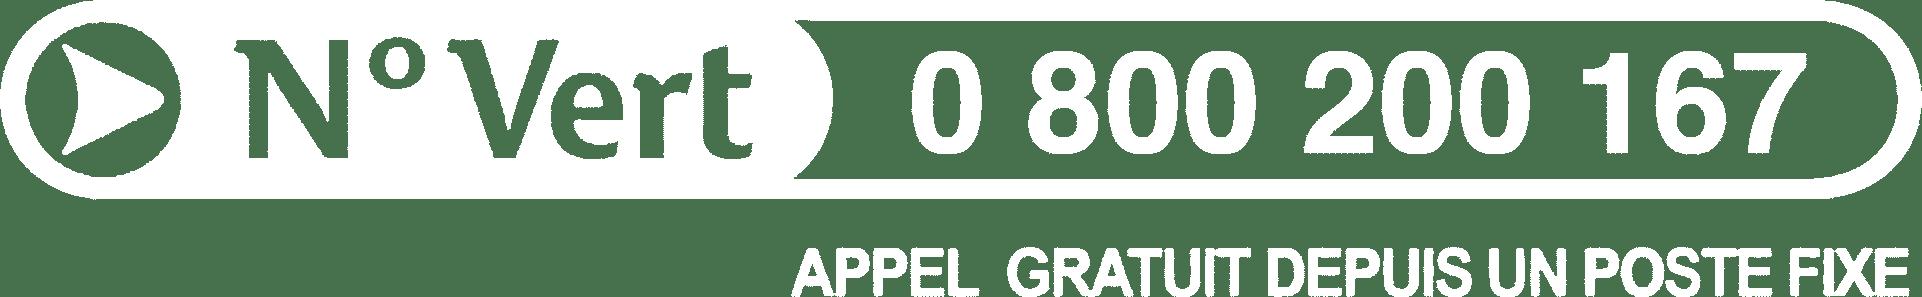 Numéro vert groupe le carré